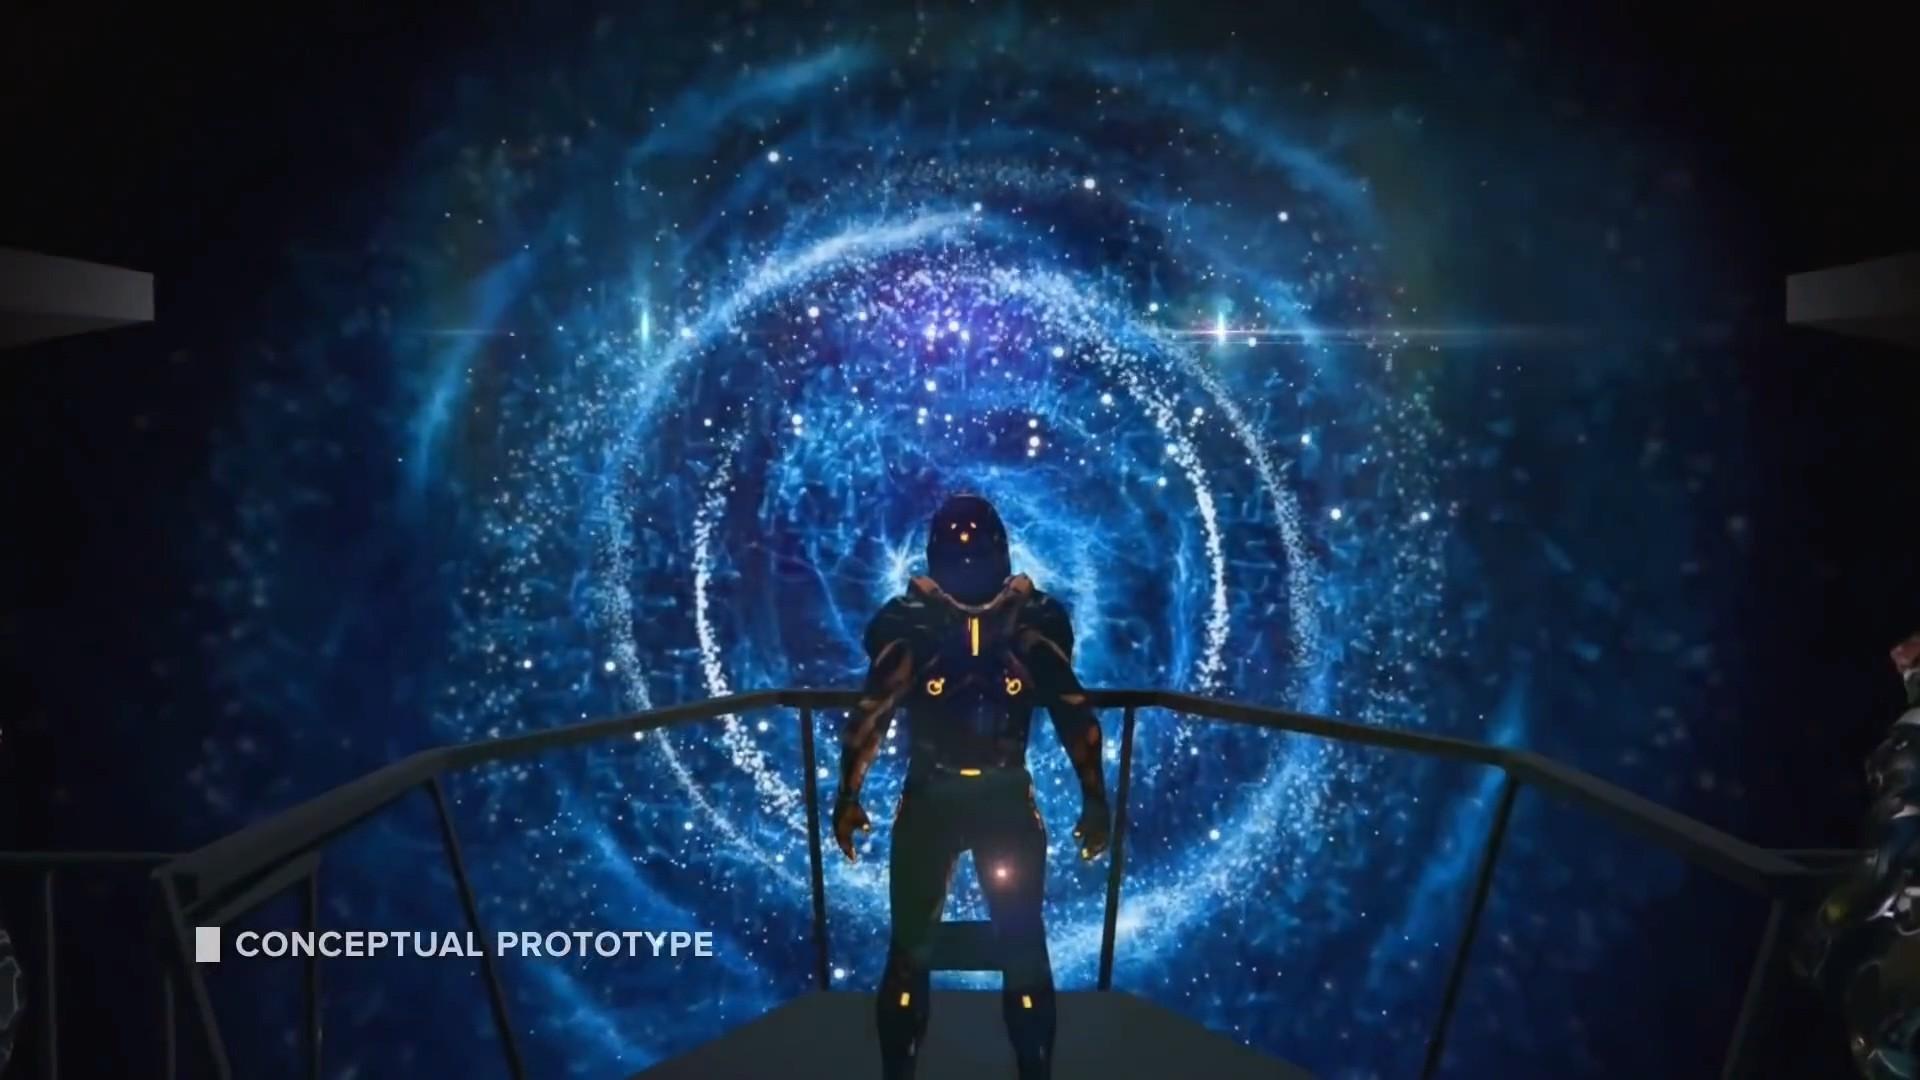 《质量效应:仙女座》开发团队同天文学家合作